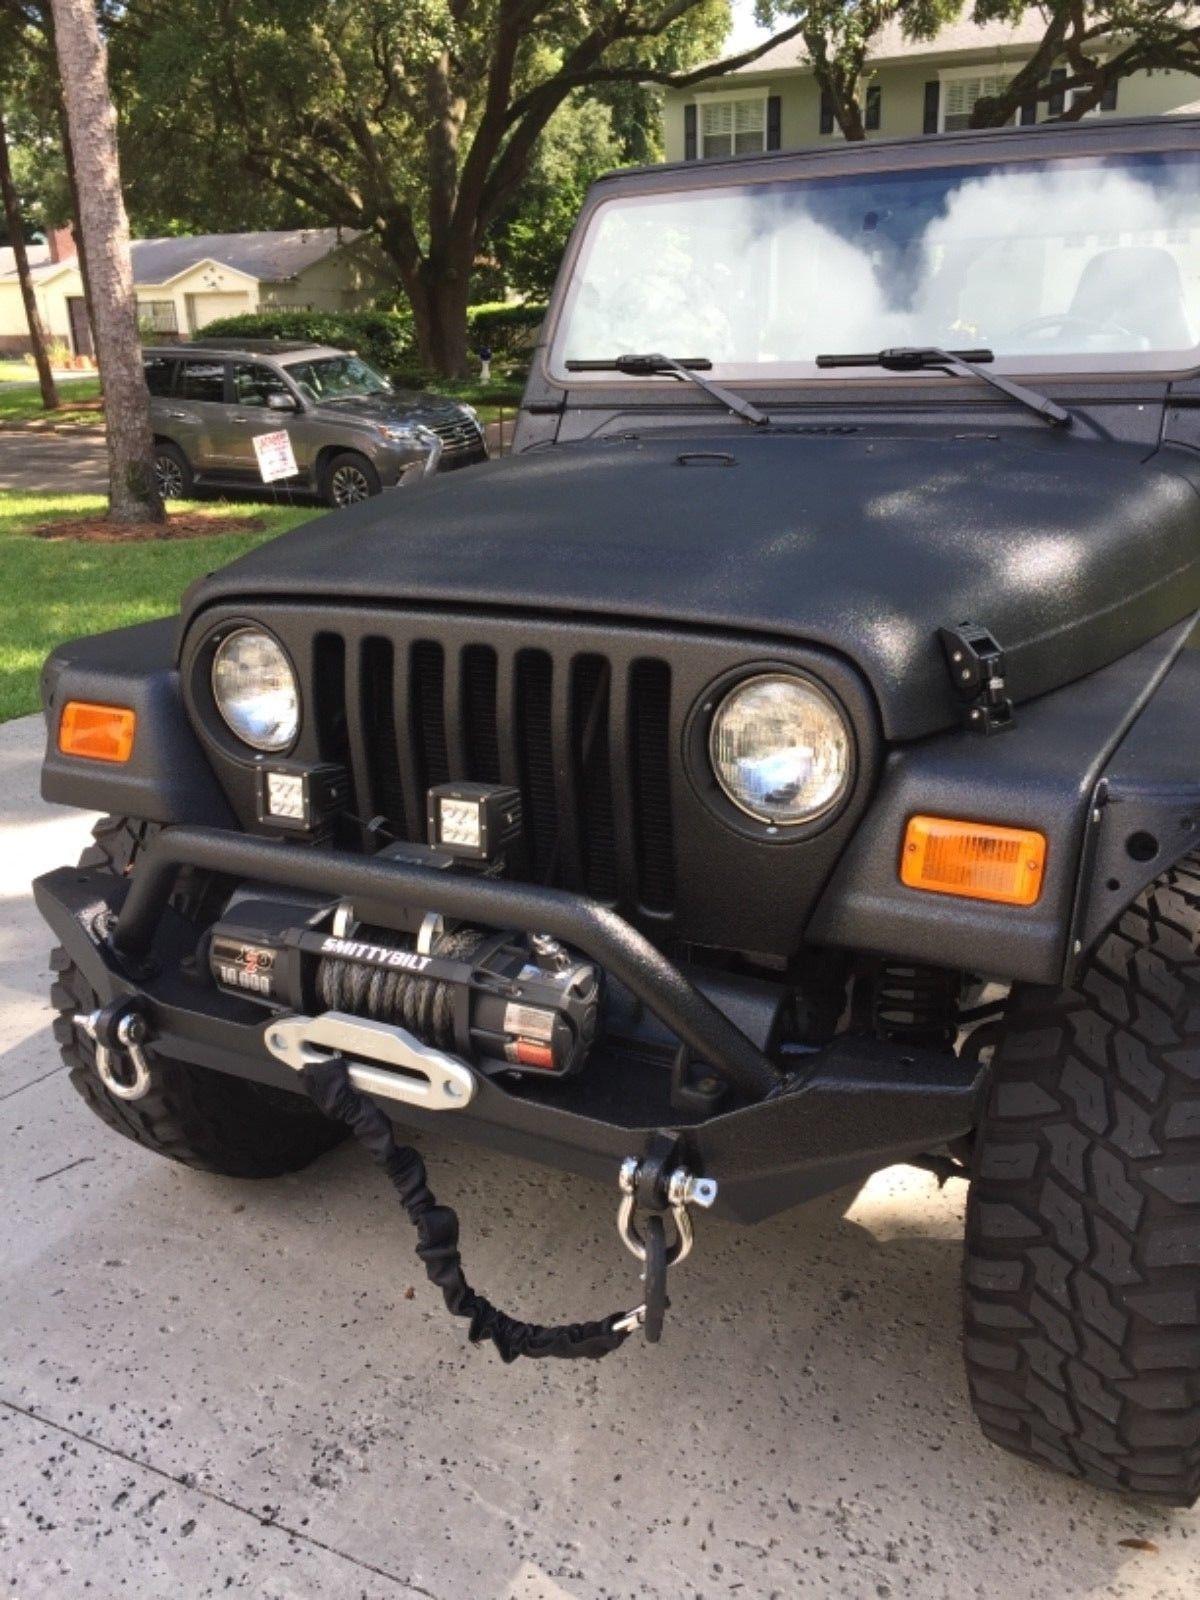 eBay: 1998 Jeep Wrangler Sport 1998 Jeep Wrangler TJ V6 5-speed manual #